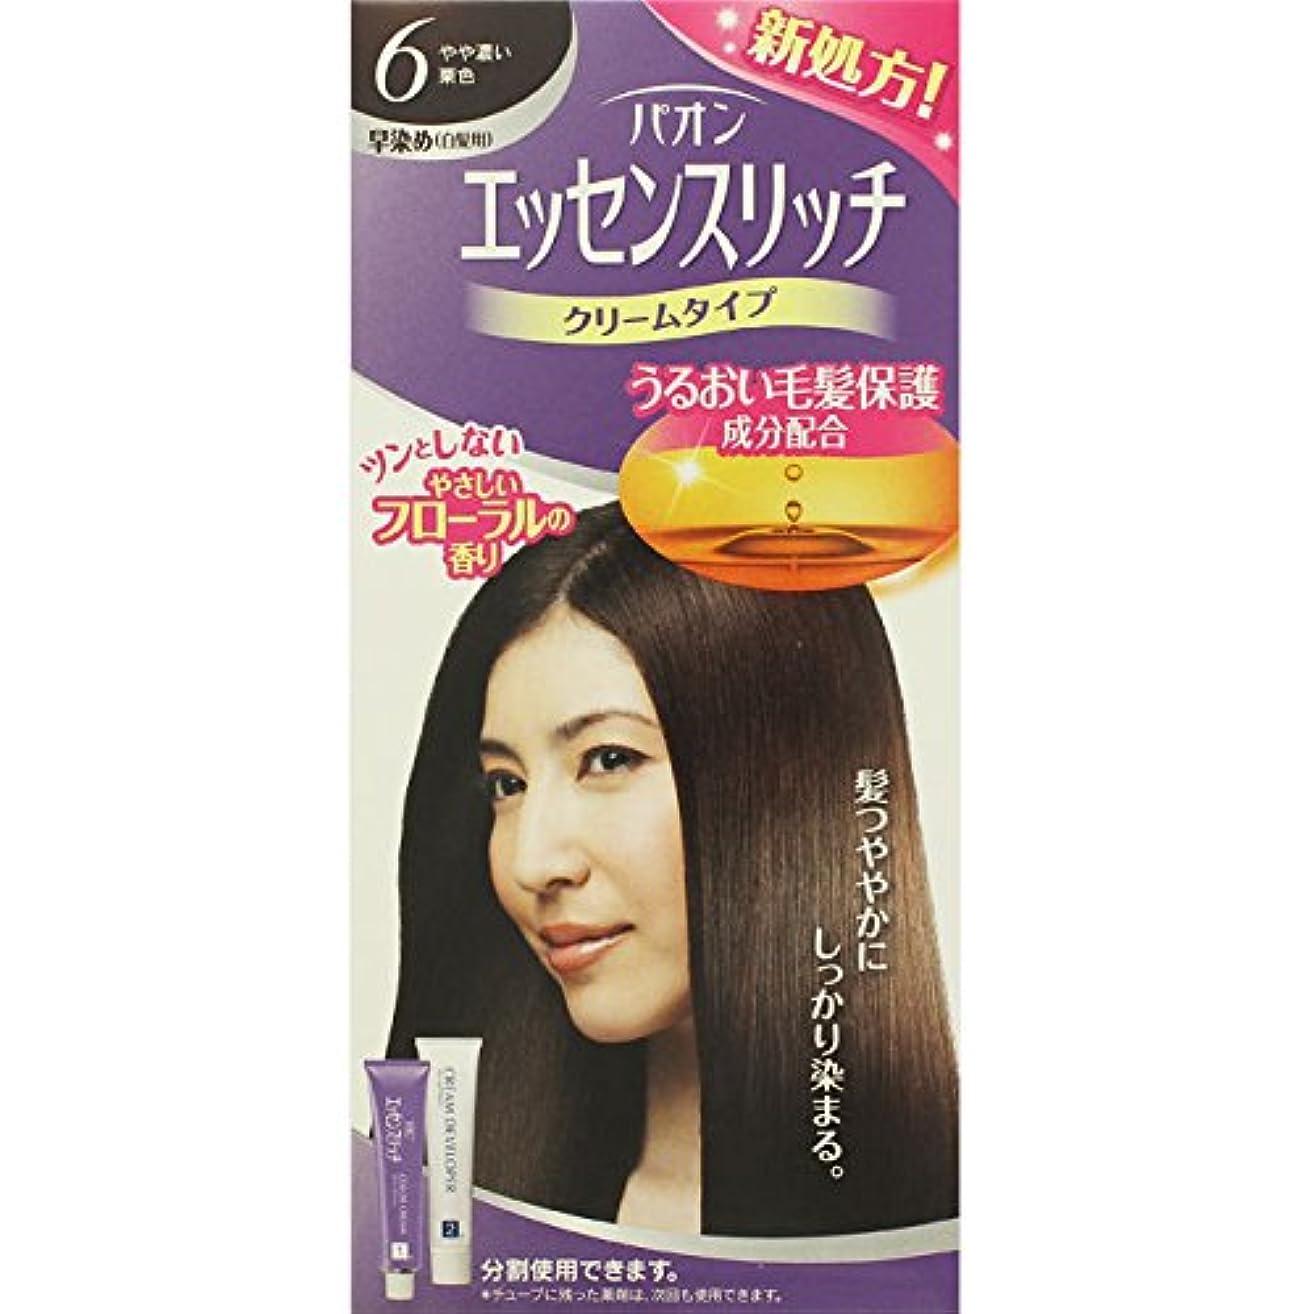 配分おびえたコートヘンケルライオンコスメティックス パオン エッセンスリッチ クリームタイプ 6 やや濃い栗色 40g+40g (医薬部外品)